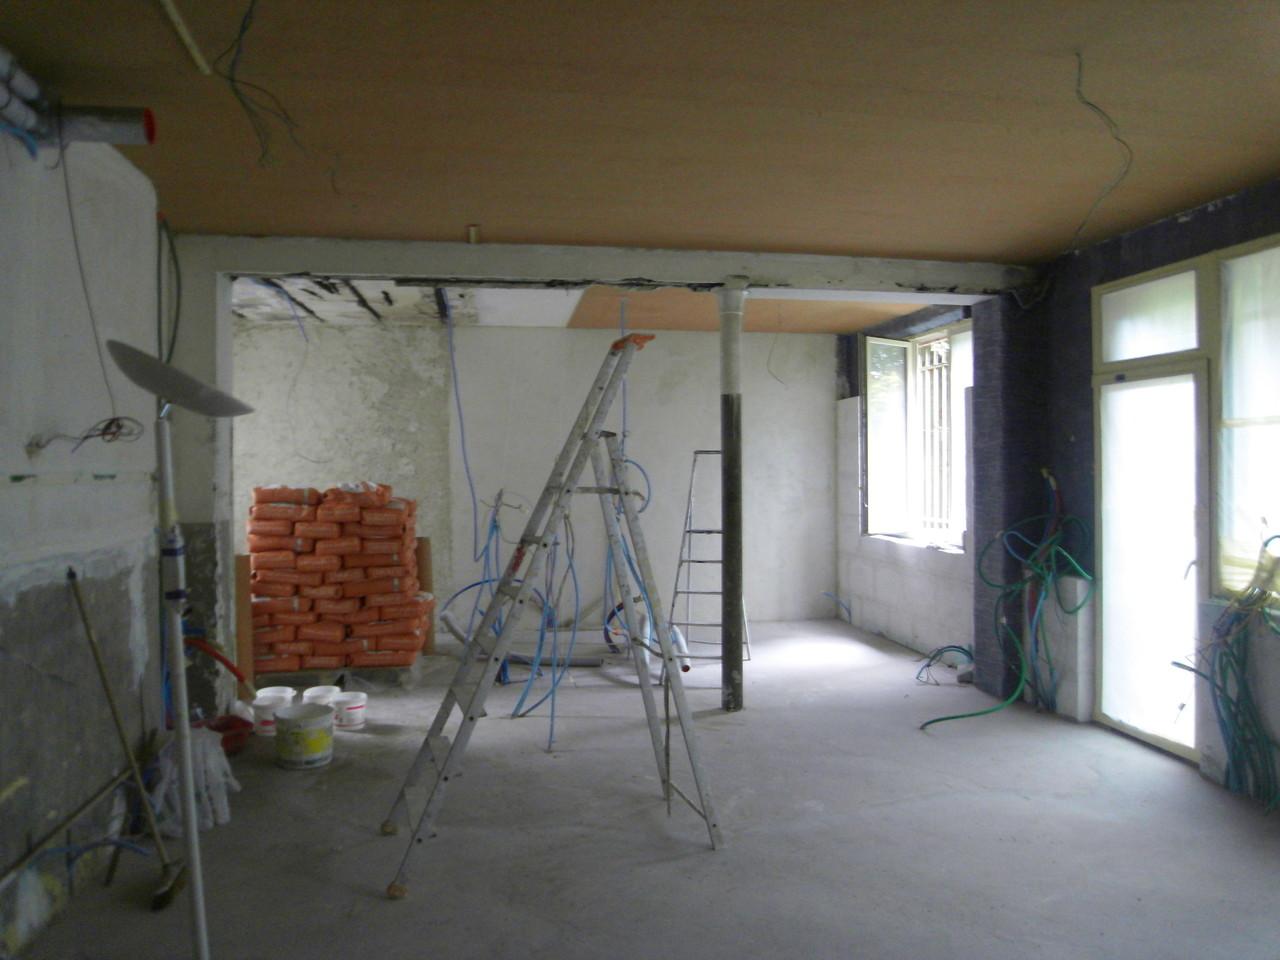 isolants murs 16cm Multipor  (λ 0,04W/mK; support enduit terre) + 1cm Spaceloft (λ 0,014) sur murs en brique (présence sels de nitrate), liège au plafond